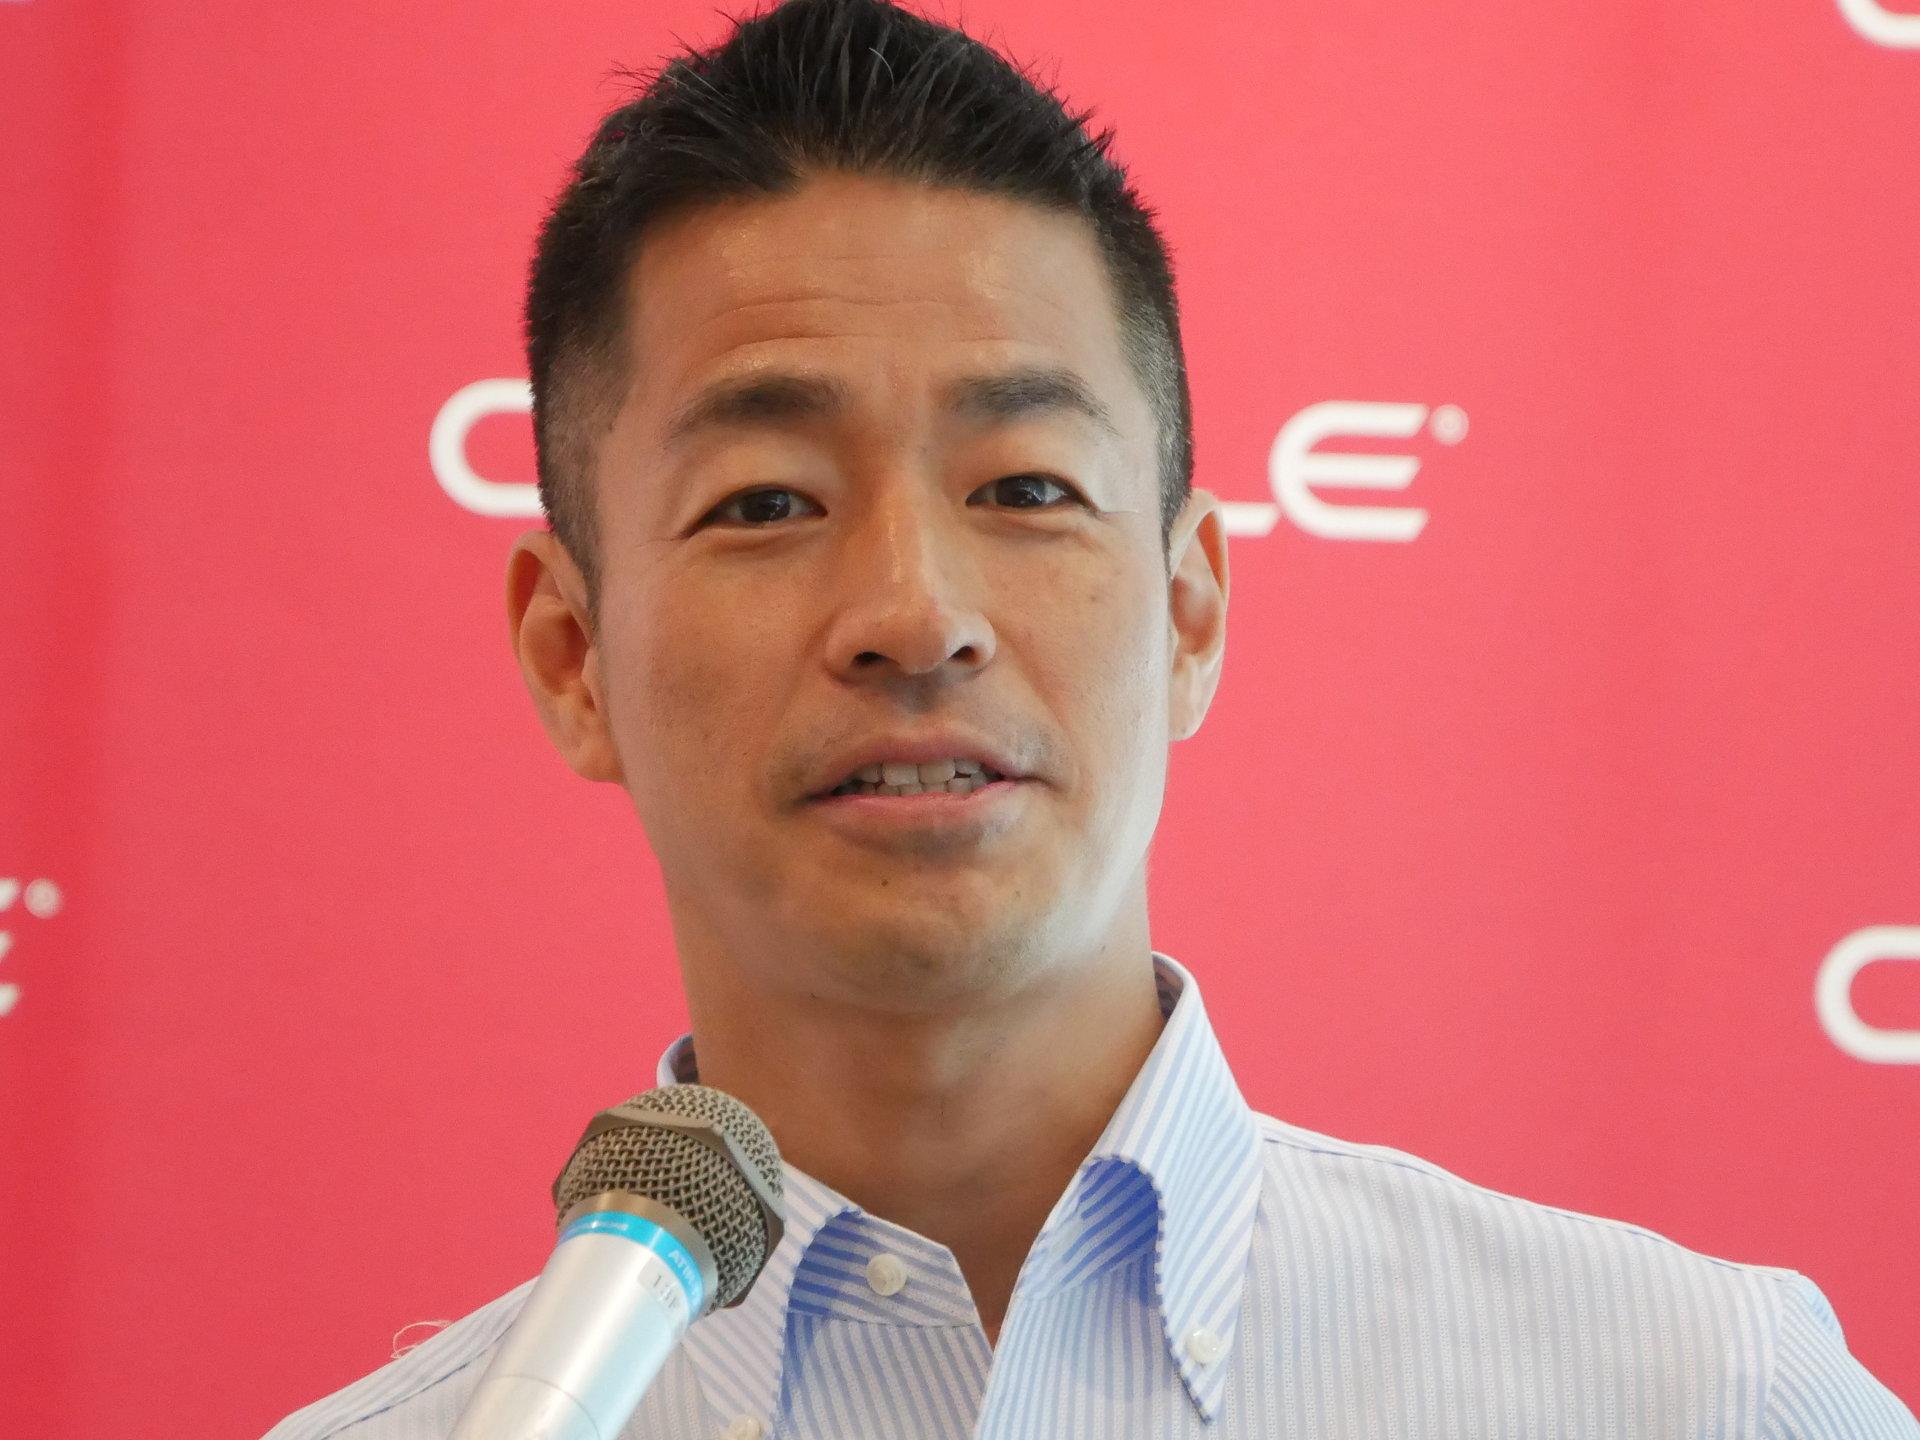 クラウド事業を強化する日本オラクル 幹部が語る、DX推進事業「4つの柱」とは (1/3)